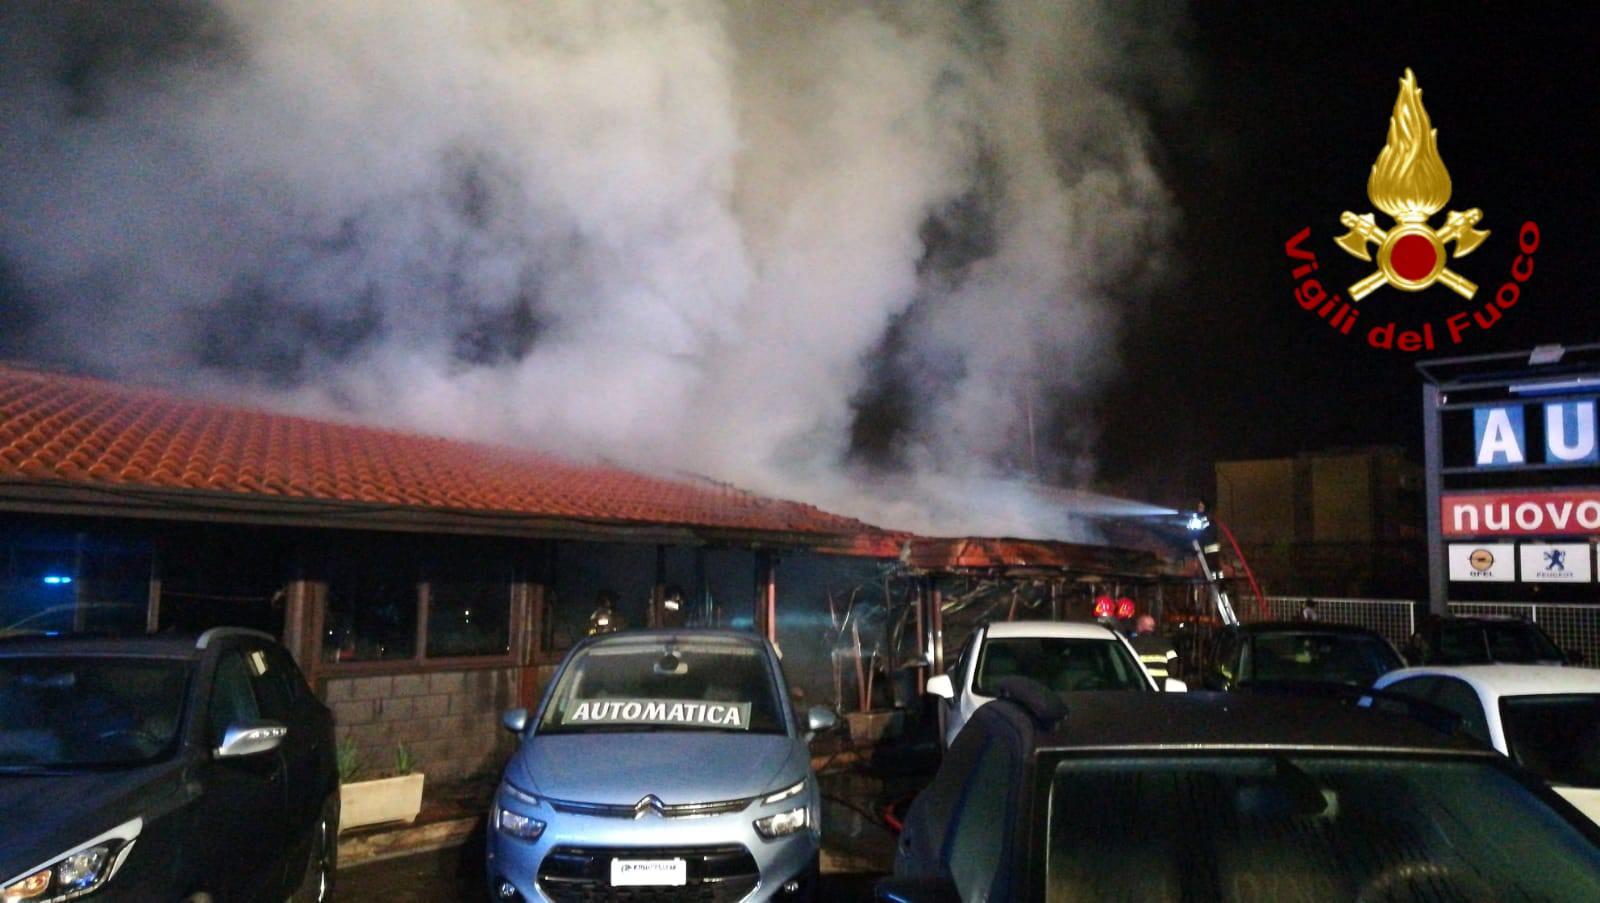 Incendio in un autosalone nel Catanese: paura nella notte – FOTO e DETTAGLI